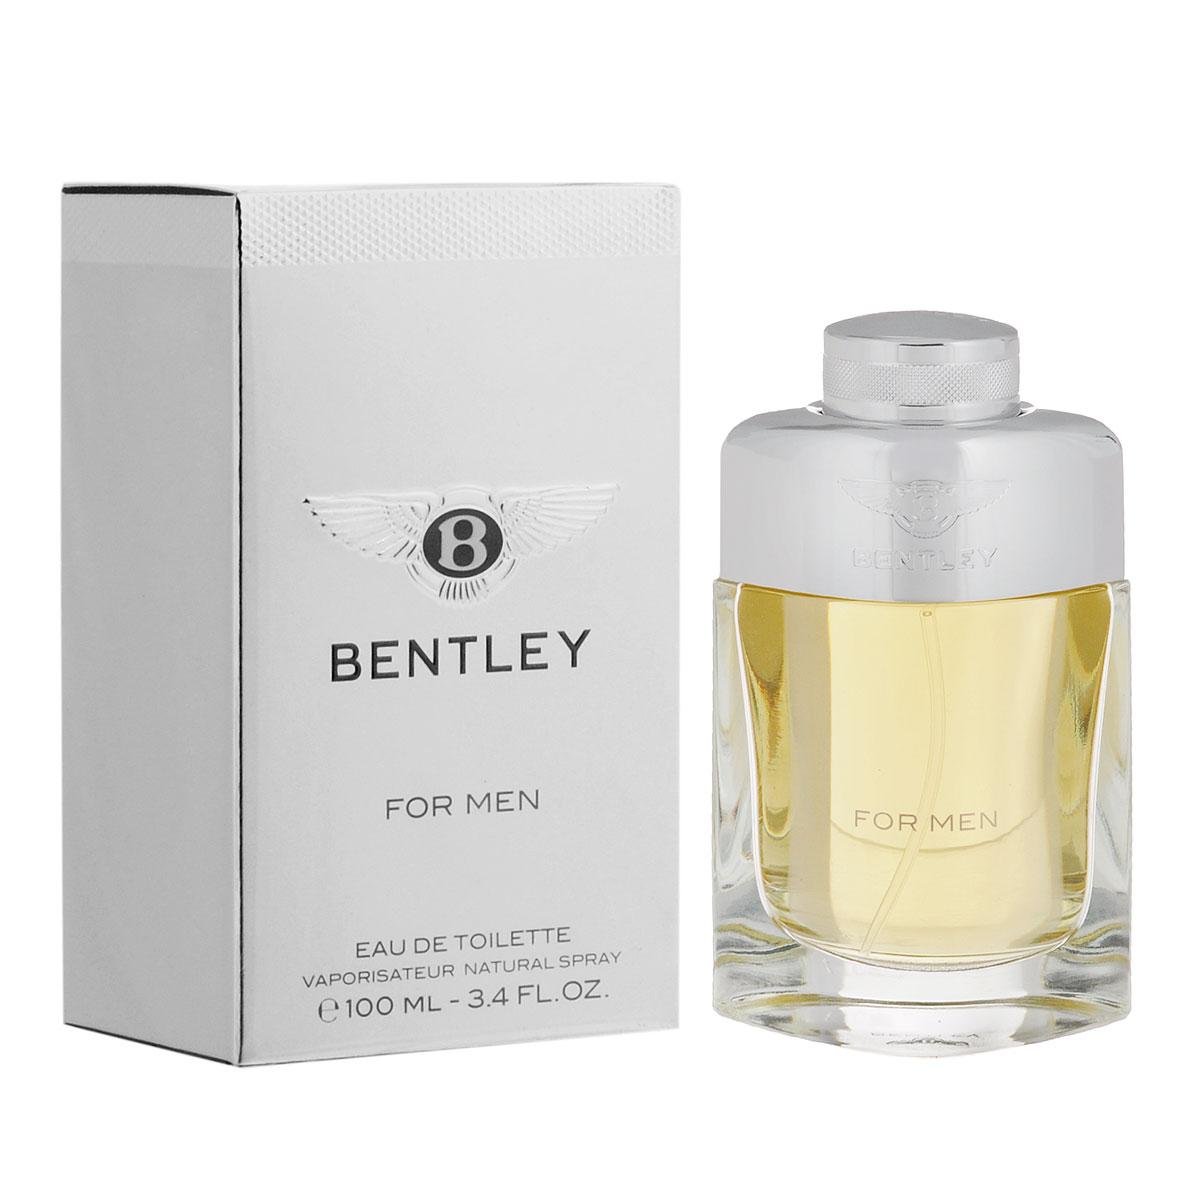 Bentley Туалетная вода For Men, мужская, 100 млB140308Благородный яркий аромат от Bentley по-достоинству оценит уверенный в себе современный мужчина. В основе идеи -трансформация роскошного автомобиля в не менее роскошный мужской аромат. Классификация аромата: древесный, кожаный, пряный.Пирамида аромата:Верхние ноты: черный перец, лавровый лист, бергамот.Ноты сердца: ром, корица, шалфей, ноты кожи.Ноты шлейфа: кедр, пачули, мускус, cиамский бензоин.Ключевые словаCовременный, элегантный, мужественный!Туалетная вода - один из самых популярных видов парфюмерной продукции. Туалетная вода содержит 4-10%парфюмерного экстракта. Главные достоинства данного типа продукции заключаются в доступной цене, разнообразии форматов (как правило, 30, 50, 75, 100 мл), удобстве использования (чаще всего - спрей). Идеальна для дневного использования.Товар сертифицирован.